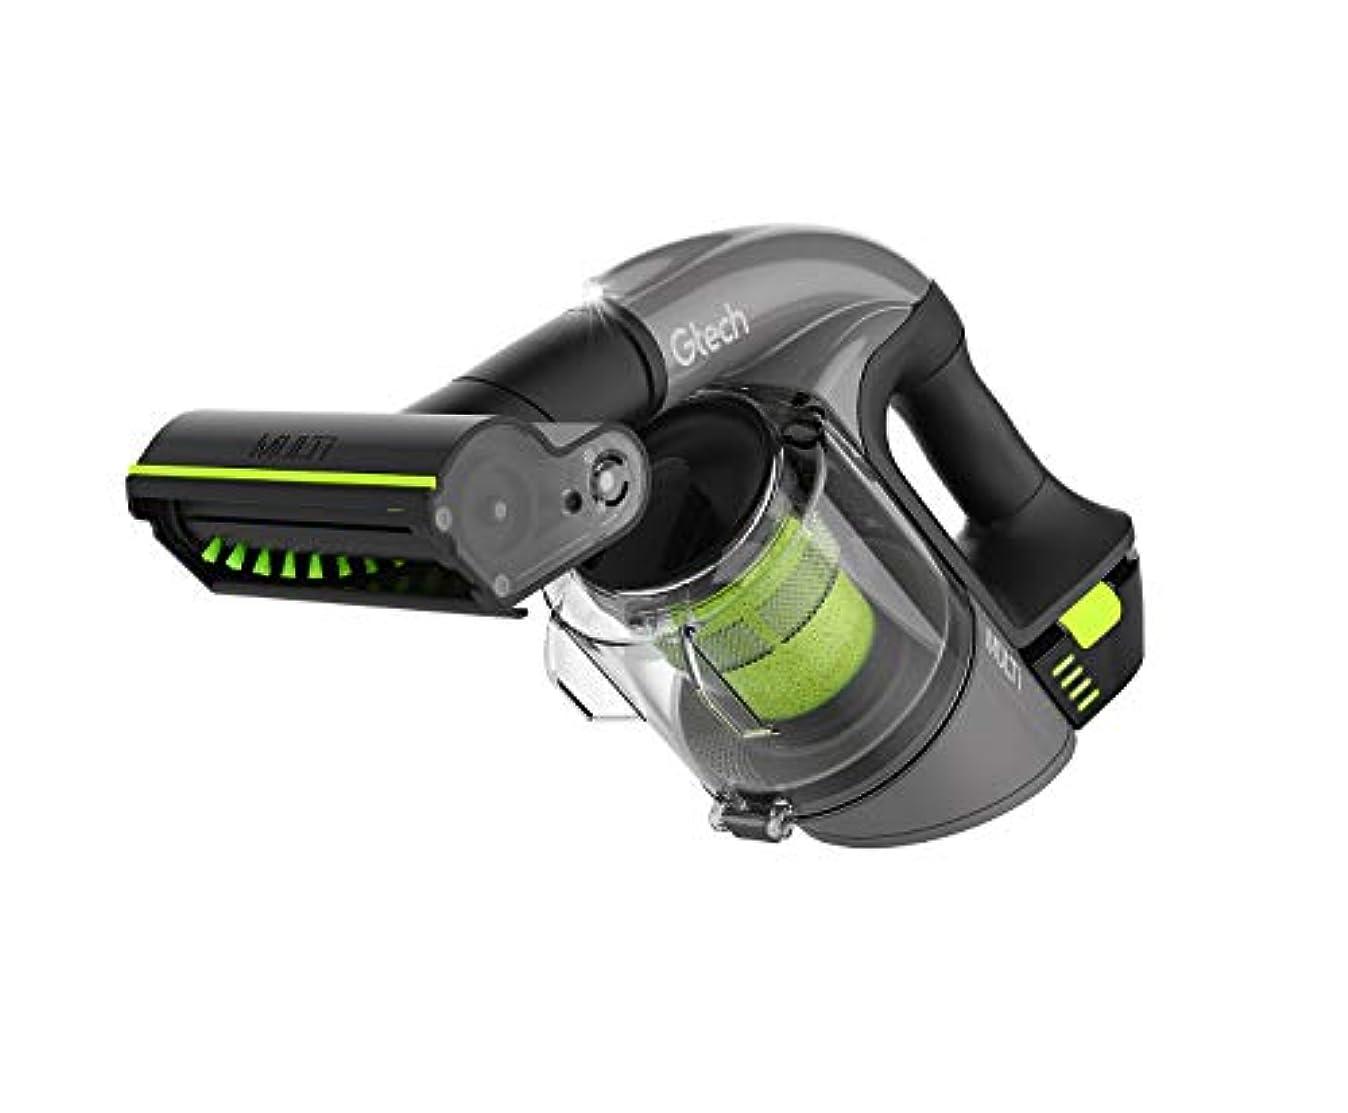 報告書フリル傷つきやすいGtech Multi MK 2ハンドヘルド掃除機、22 V、グレー/グリーン/ブラック